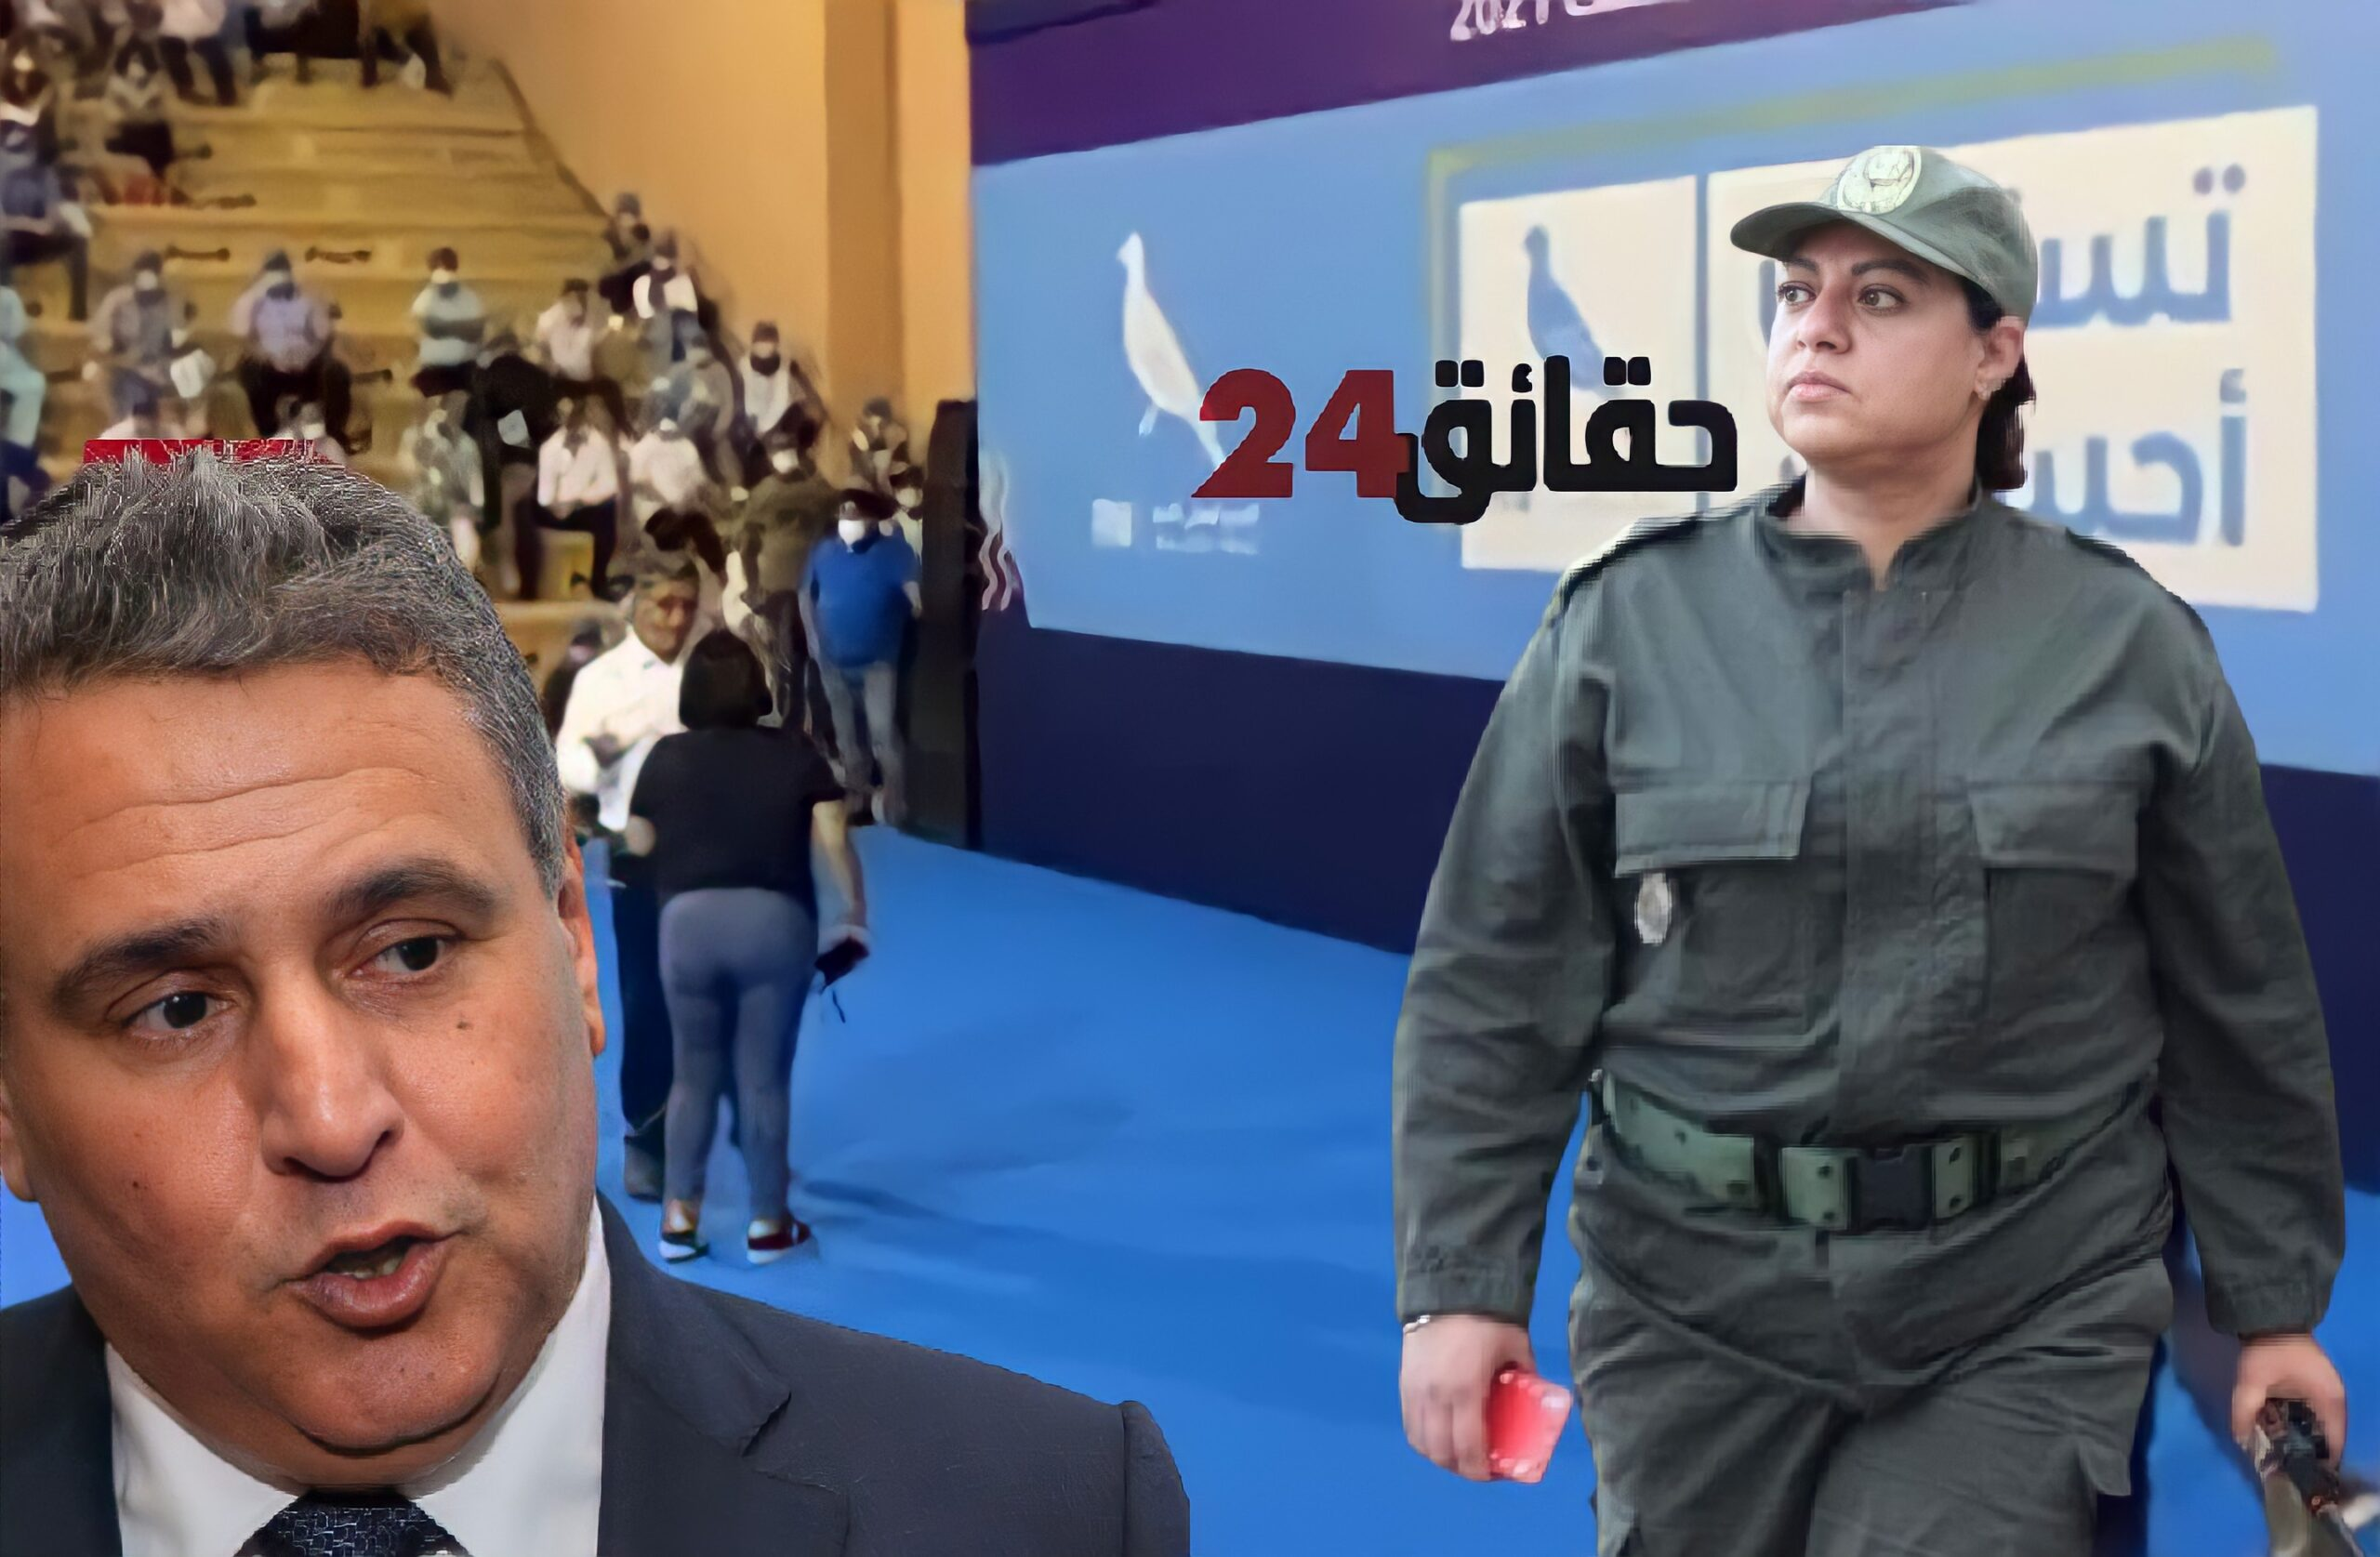 """صورة باشا مراكش تخلق """"البوز"""" بعد توقيف نشاط أخنوش بسبب خرق حالة الطوارئ"""